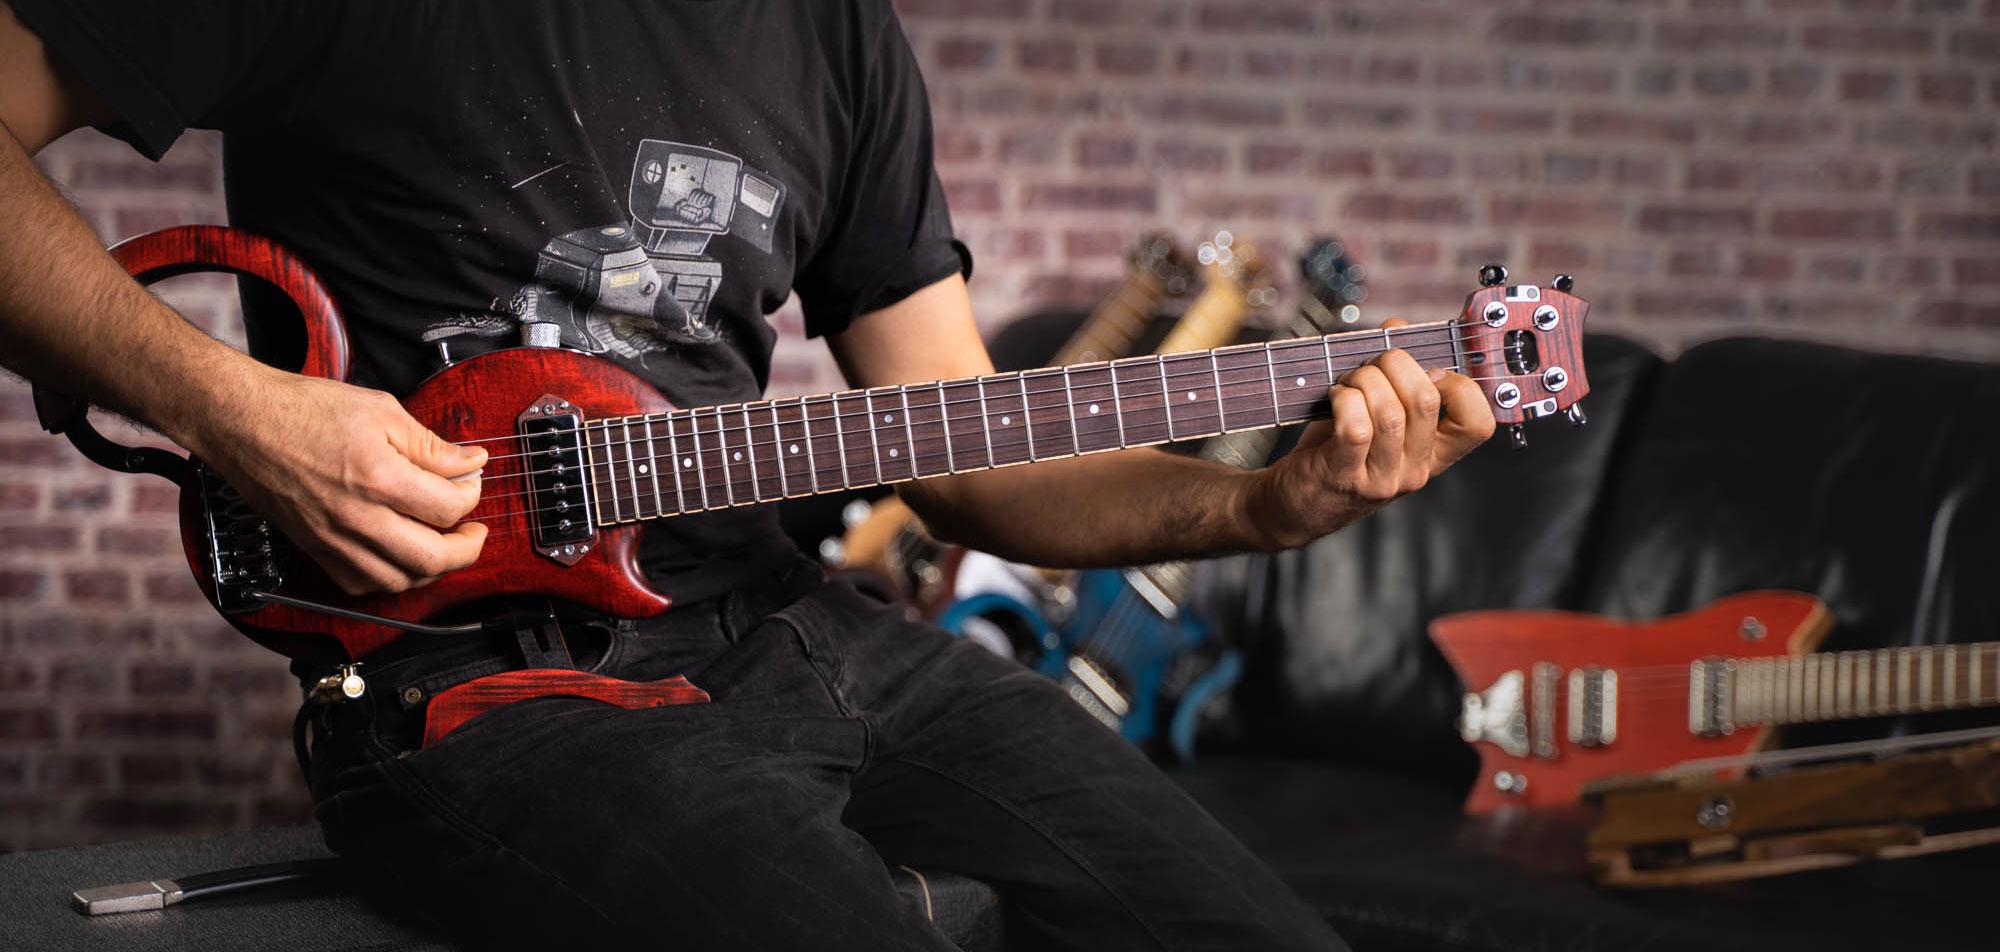 guitare de voyage - travel guitar